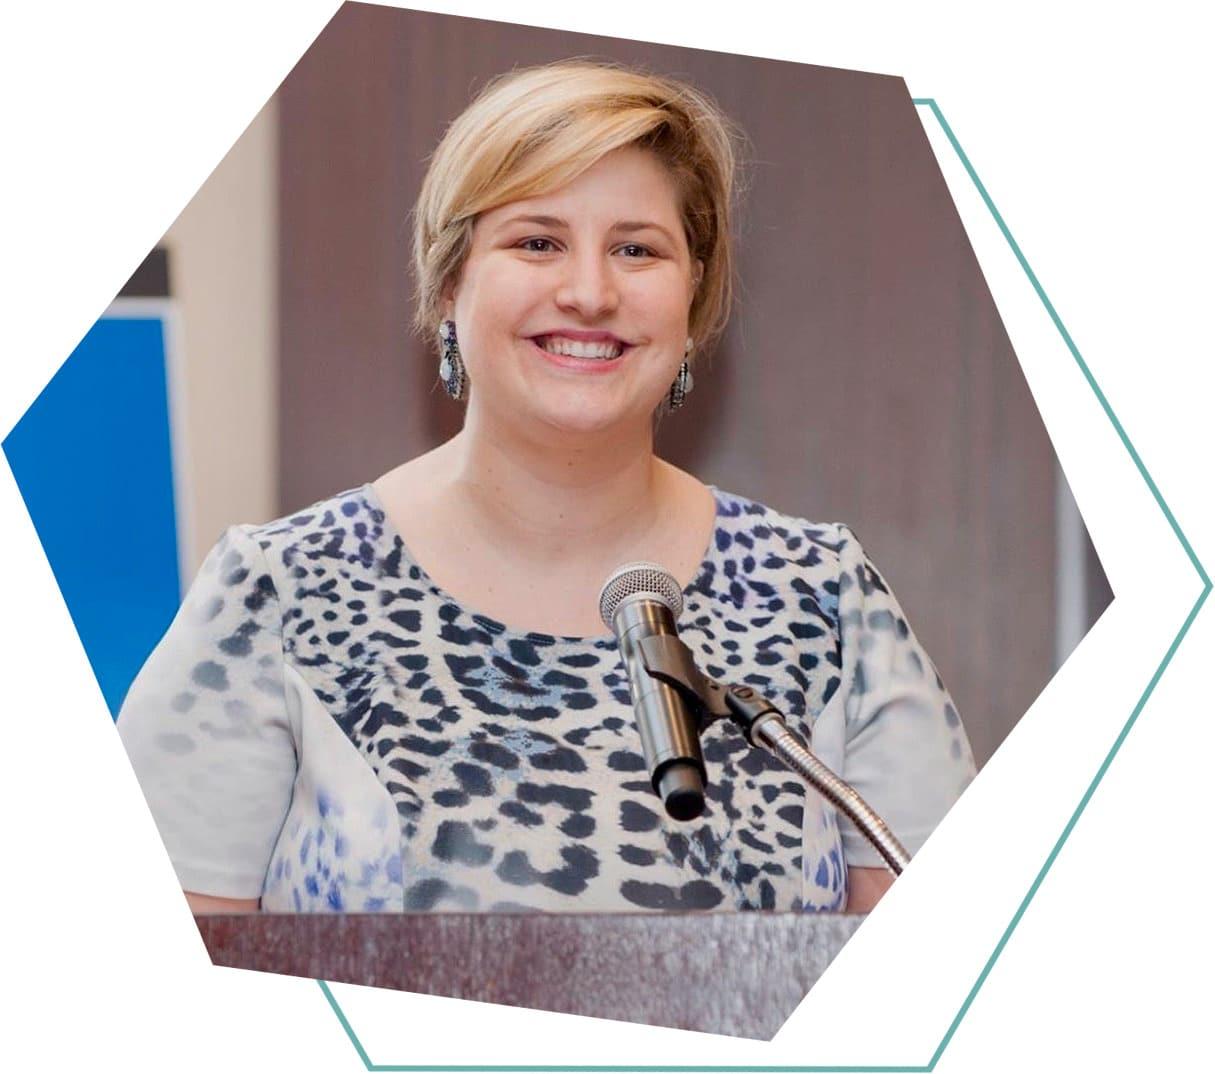 Baton Rouge based philanthropic consultant Sarah Cortell Vandersypen